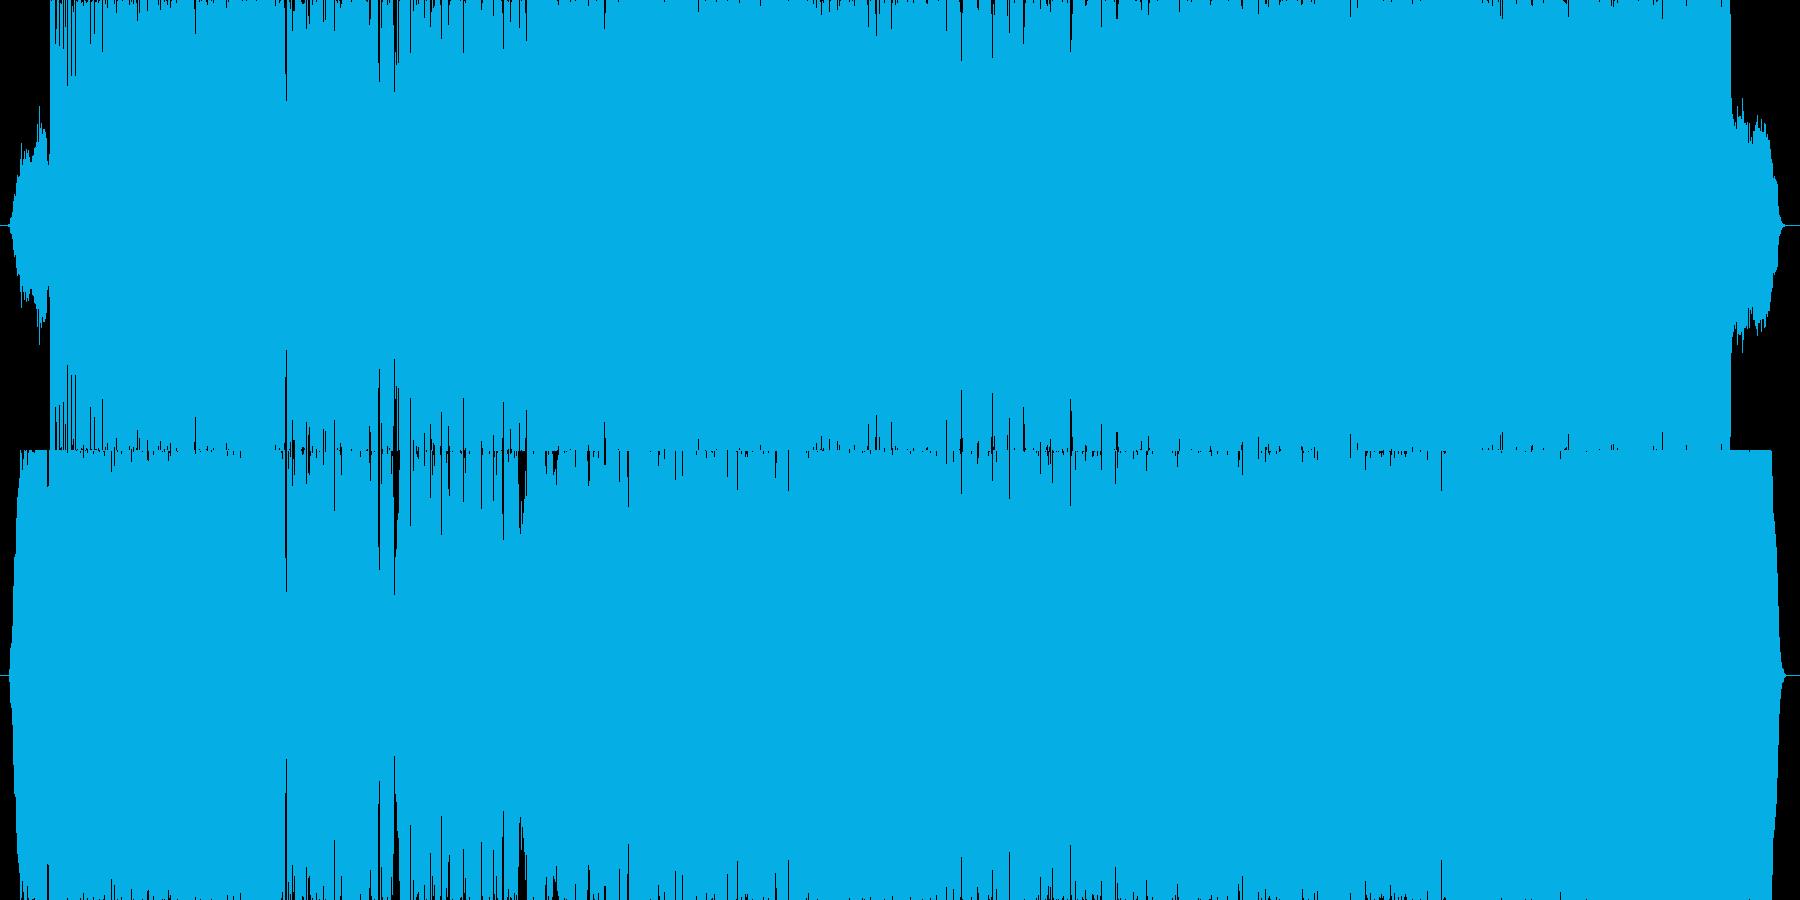 壮大感のある龍馬フォークロックバラードの再生済みの波形